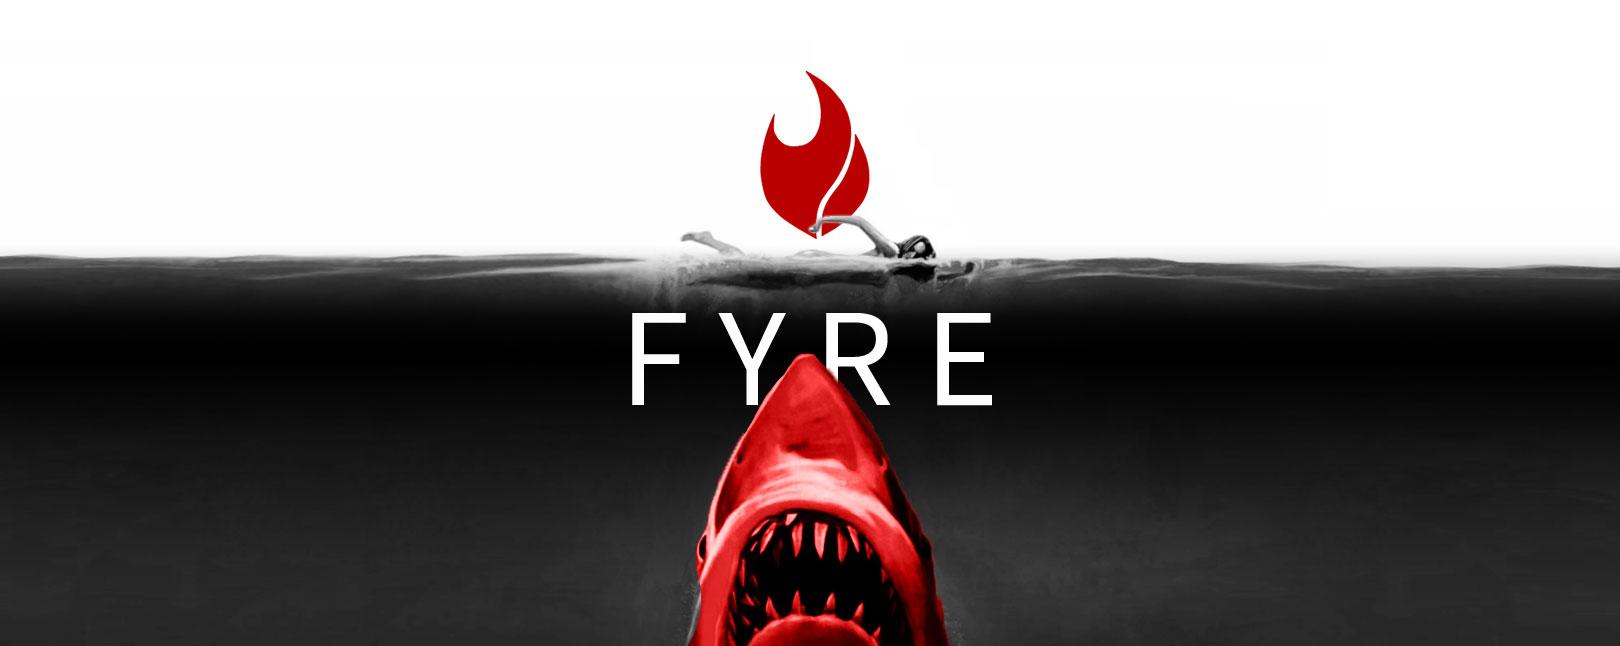 Fyre Festival Lessons